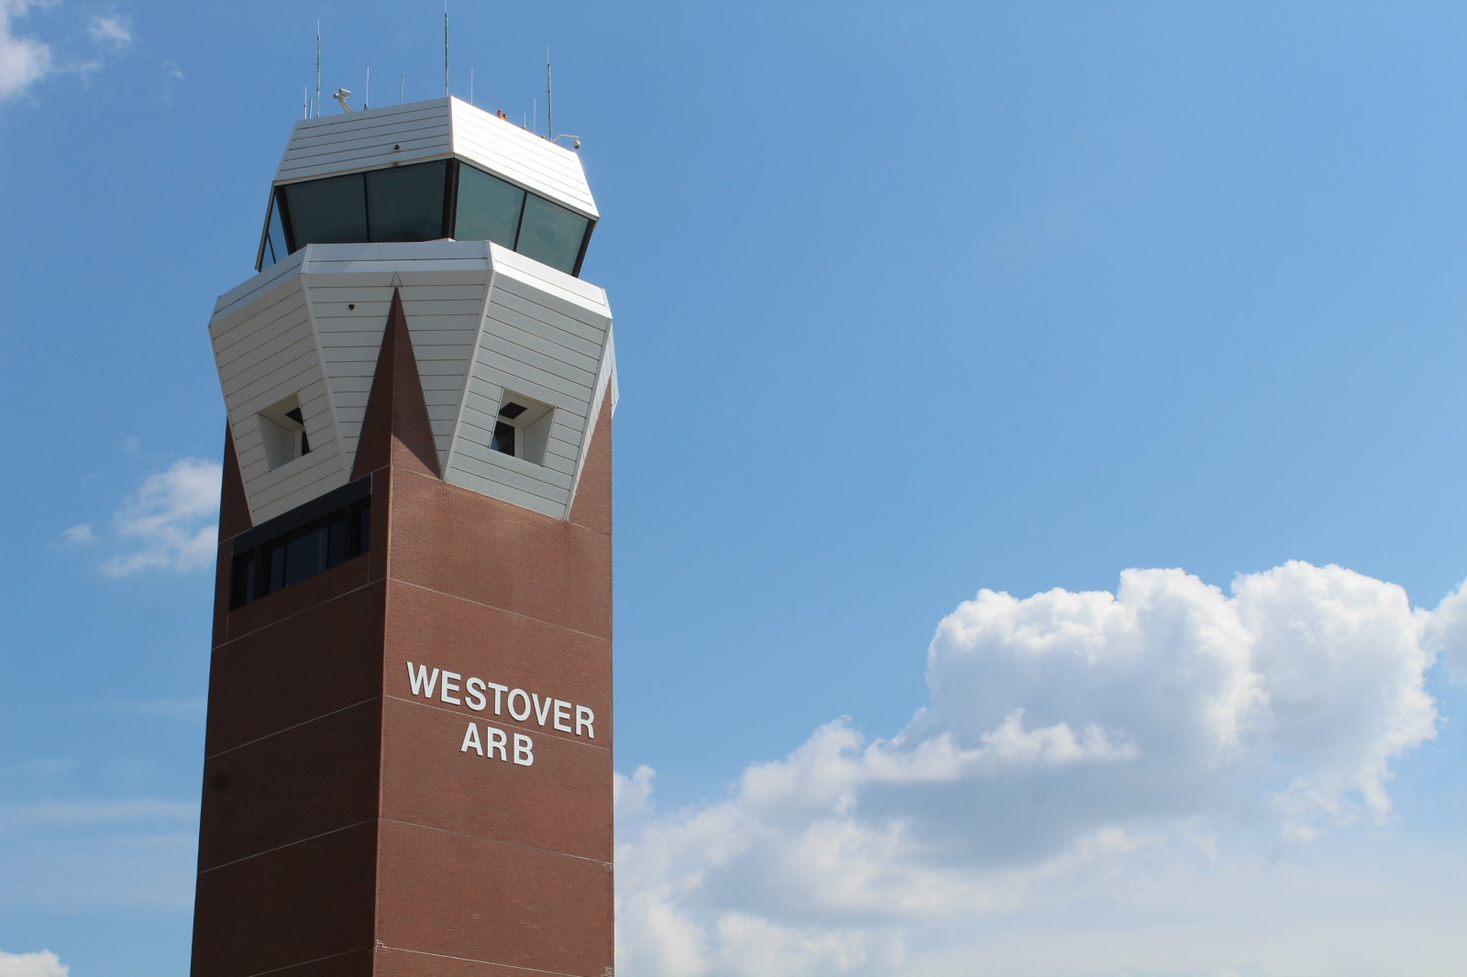 westover air reserve base_1537993899931.jpg.jpg